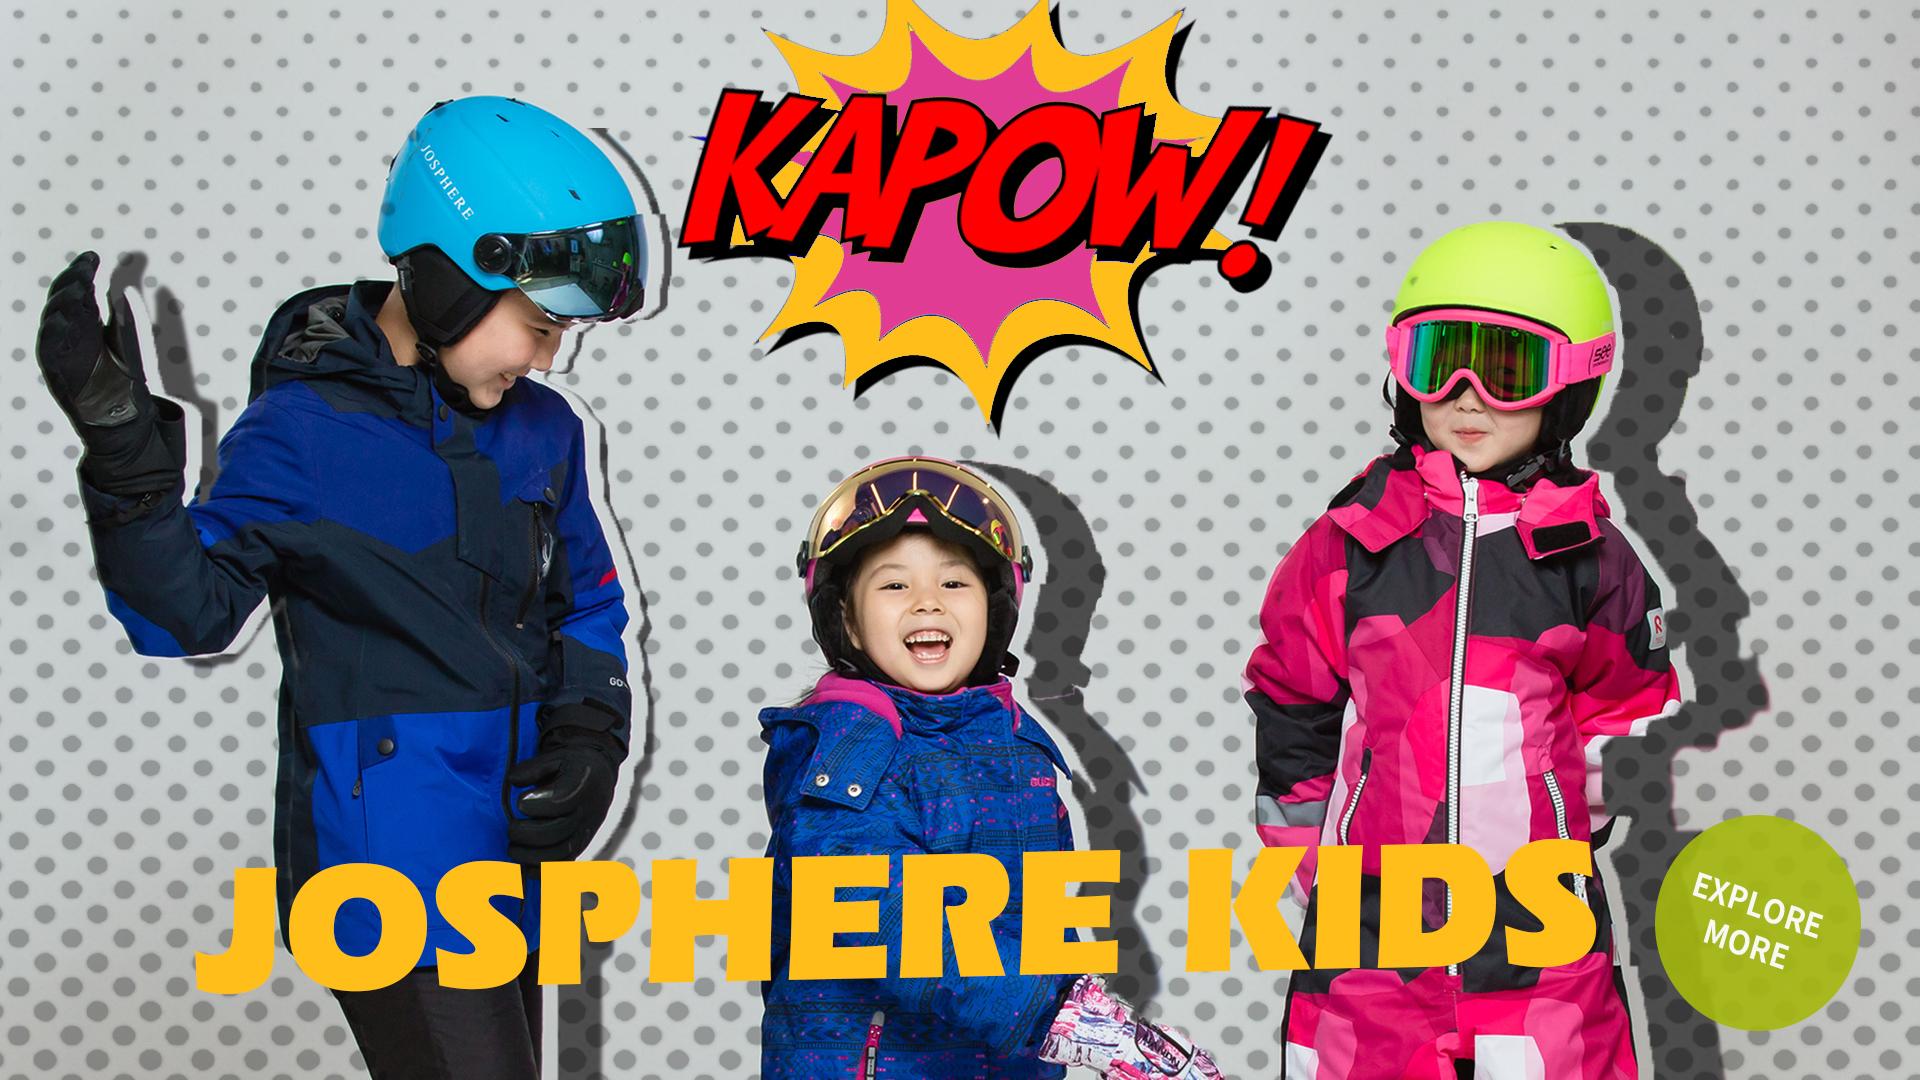 josphere kids kapow kids helmets safe luxury colorful